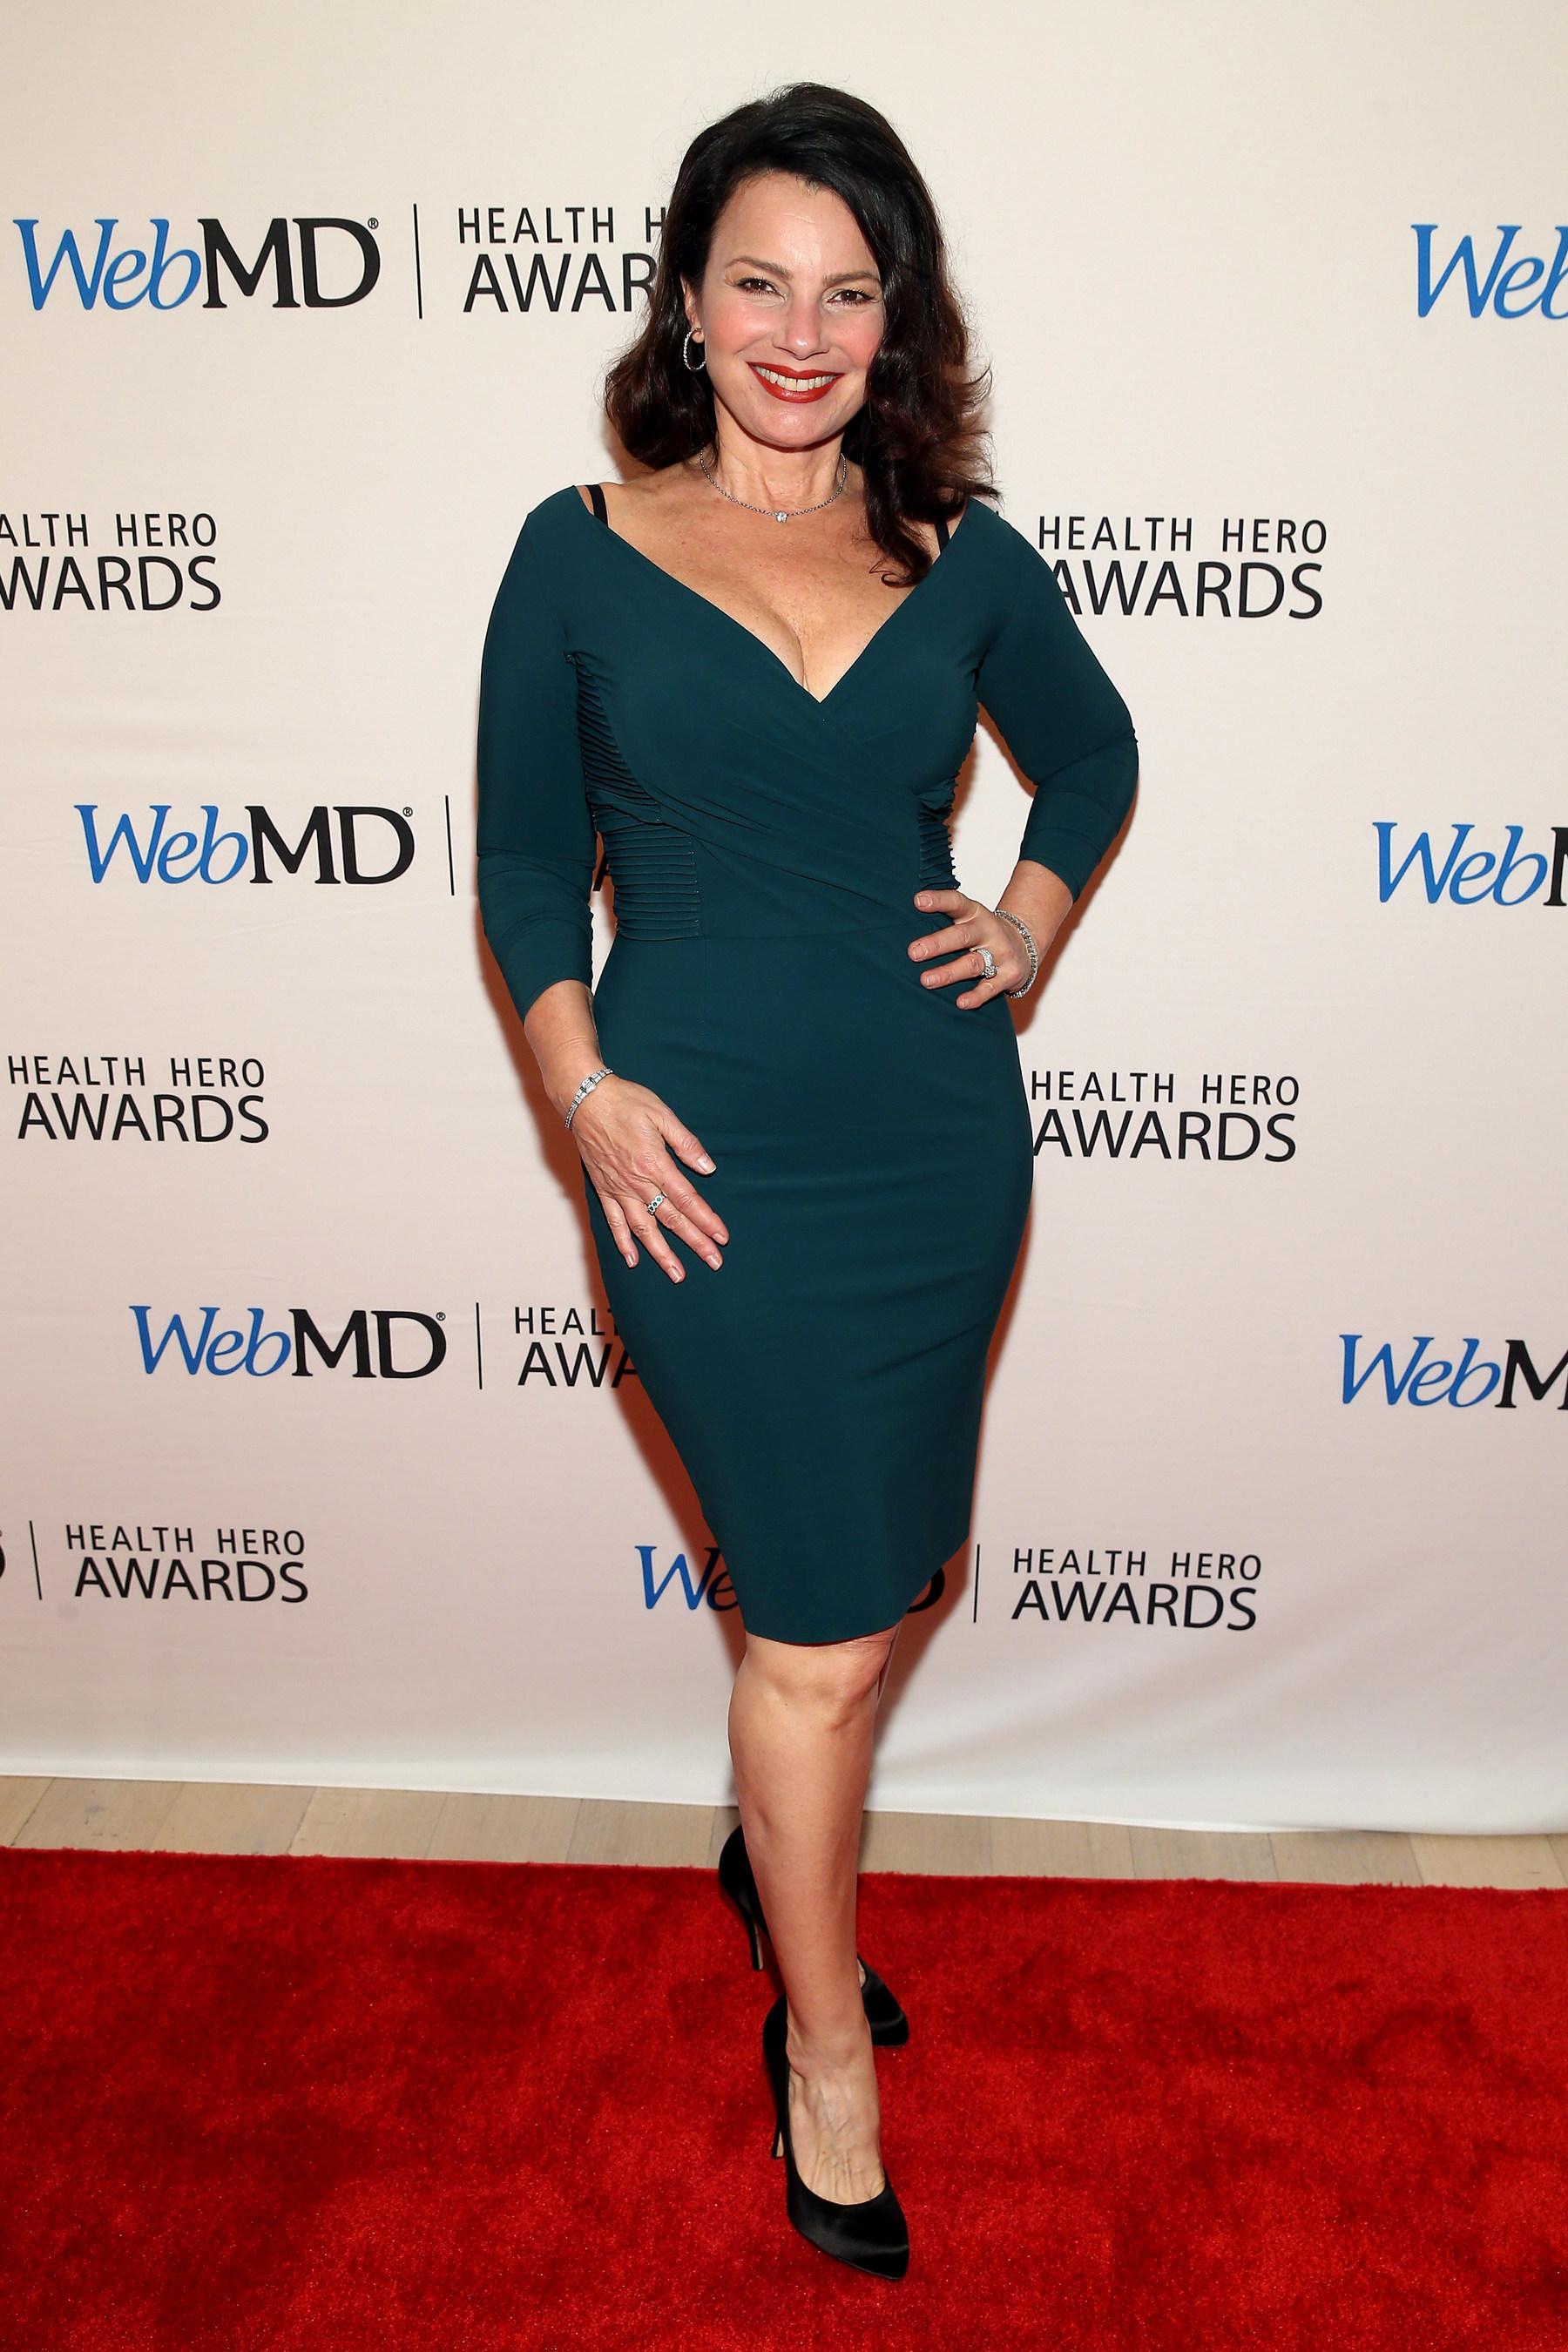 Fran Drescher Attends the WebMD Health Hero Awards Gala at TimesCenter on November 5, 2015